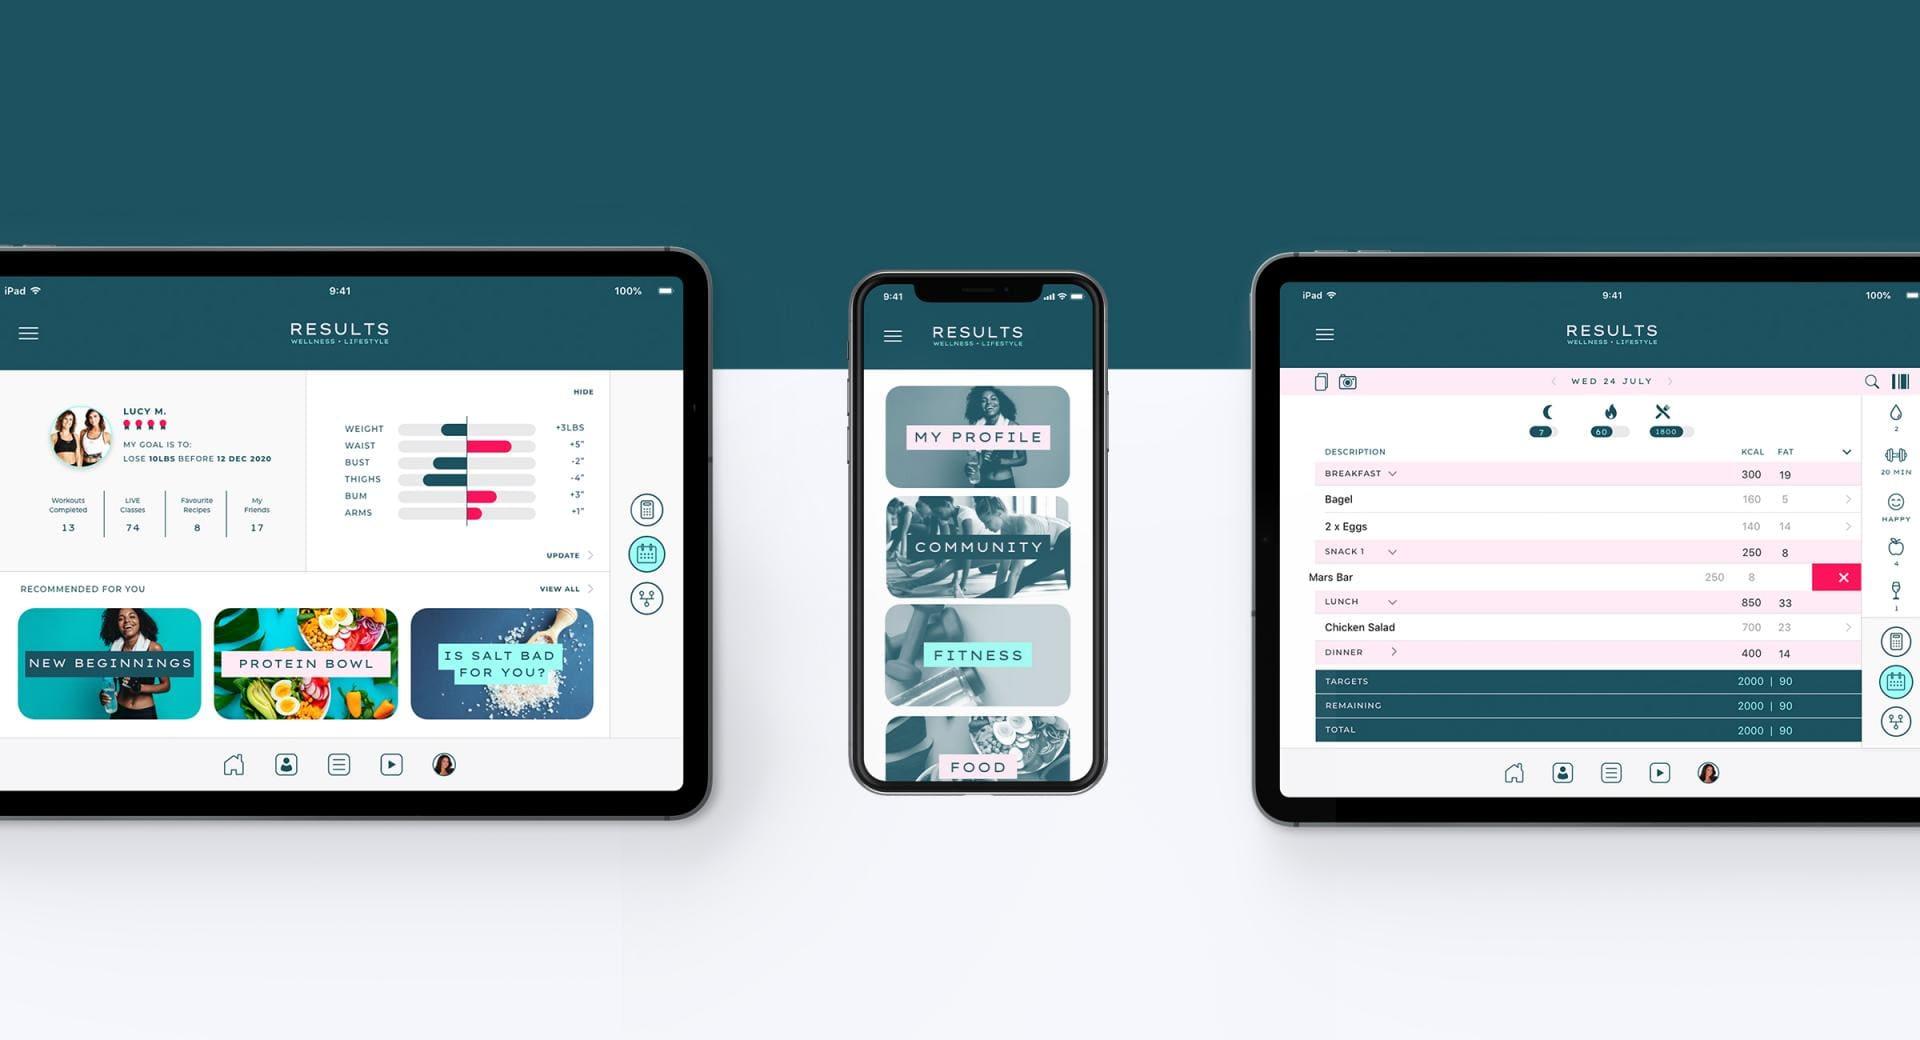 RWL App Design and Reskin Screen 2